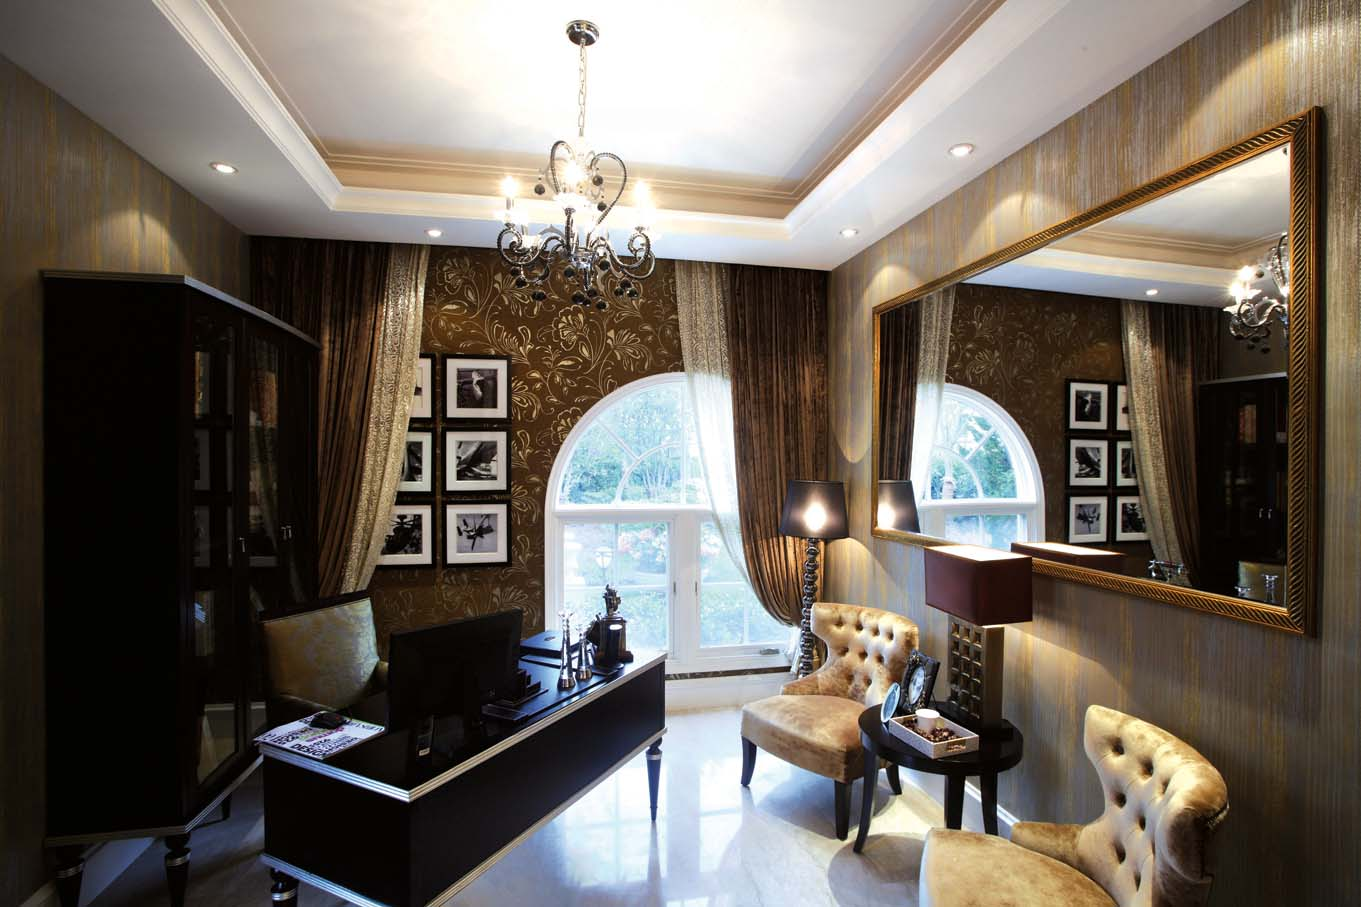 欧式 别墅装修 别墅设计 棕榈高尔夫 奥邦装饰 张文作品 书房图片来自上海奥邦装饰在上海棕榈高尔夫别墅样板间装修的分享